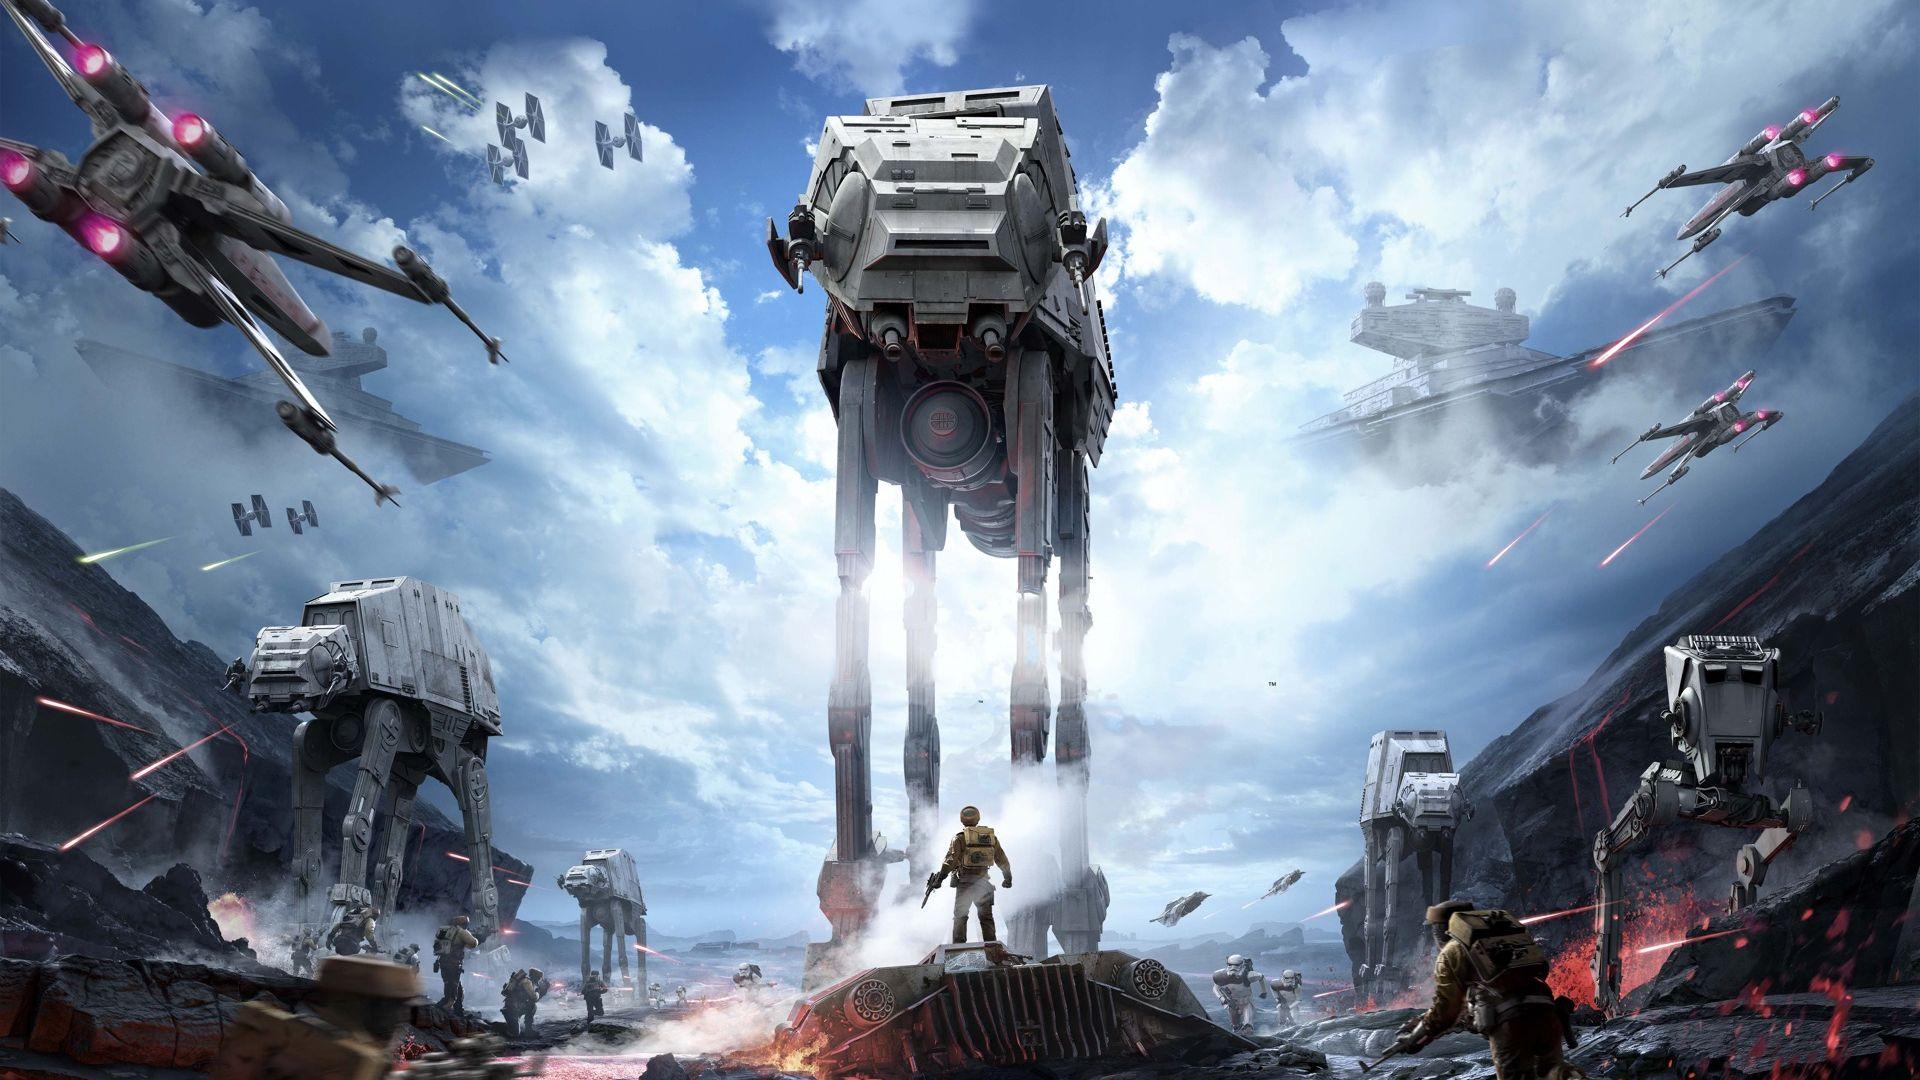 Details On Star Wars Battlefront Training Mode